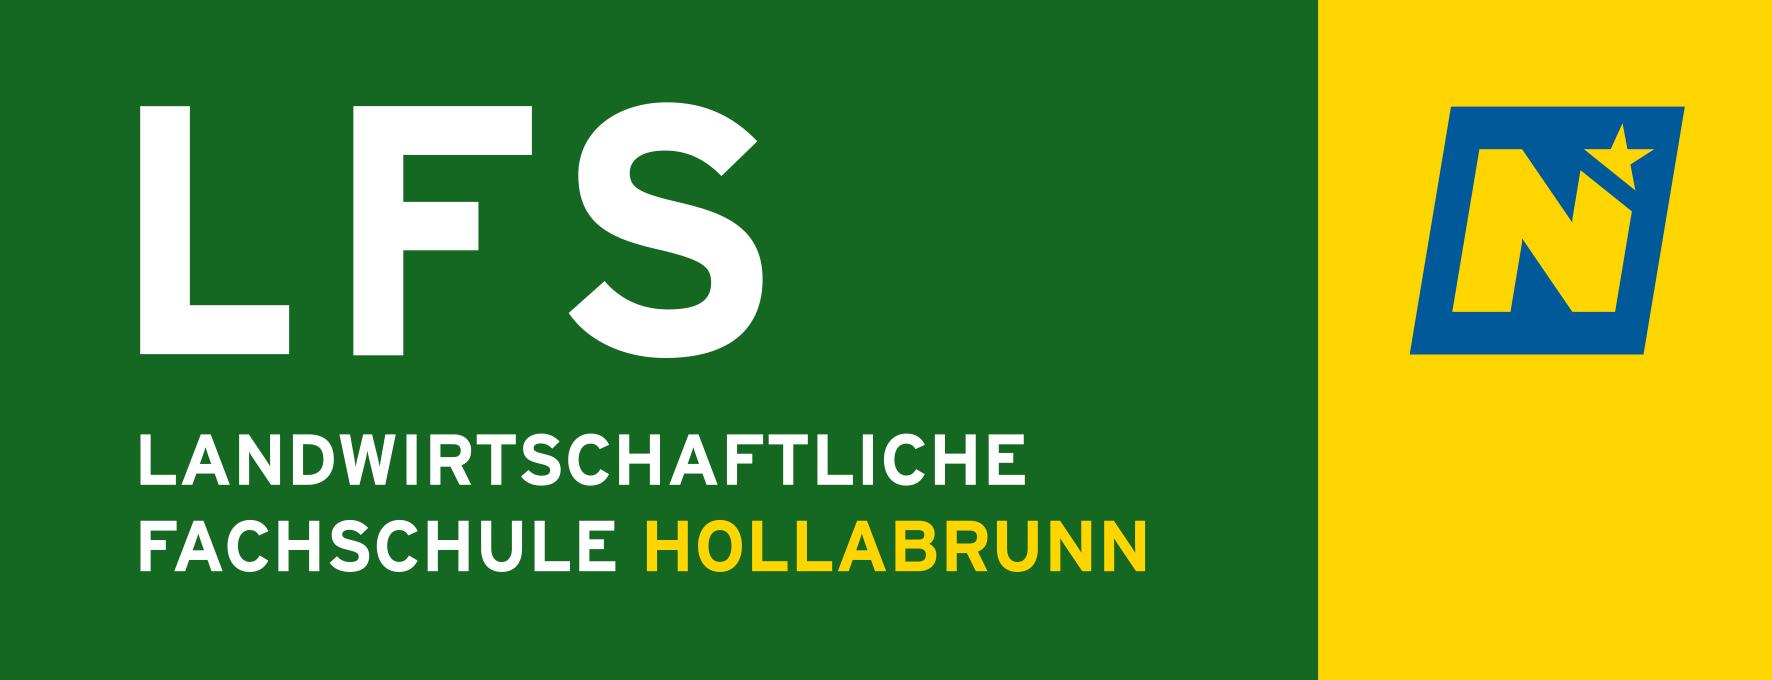 LFS Hollabrunn LOGO